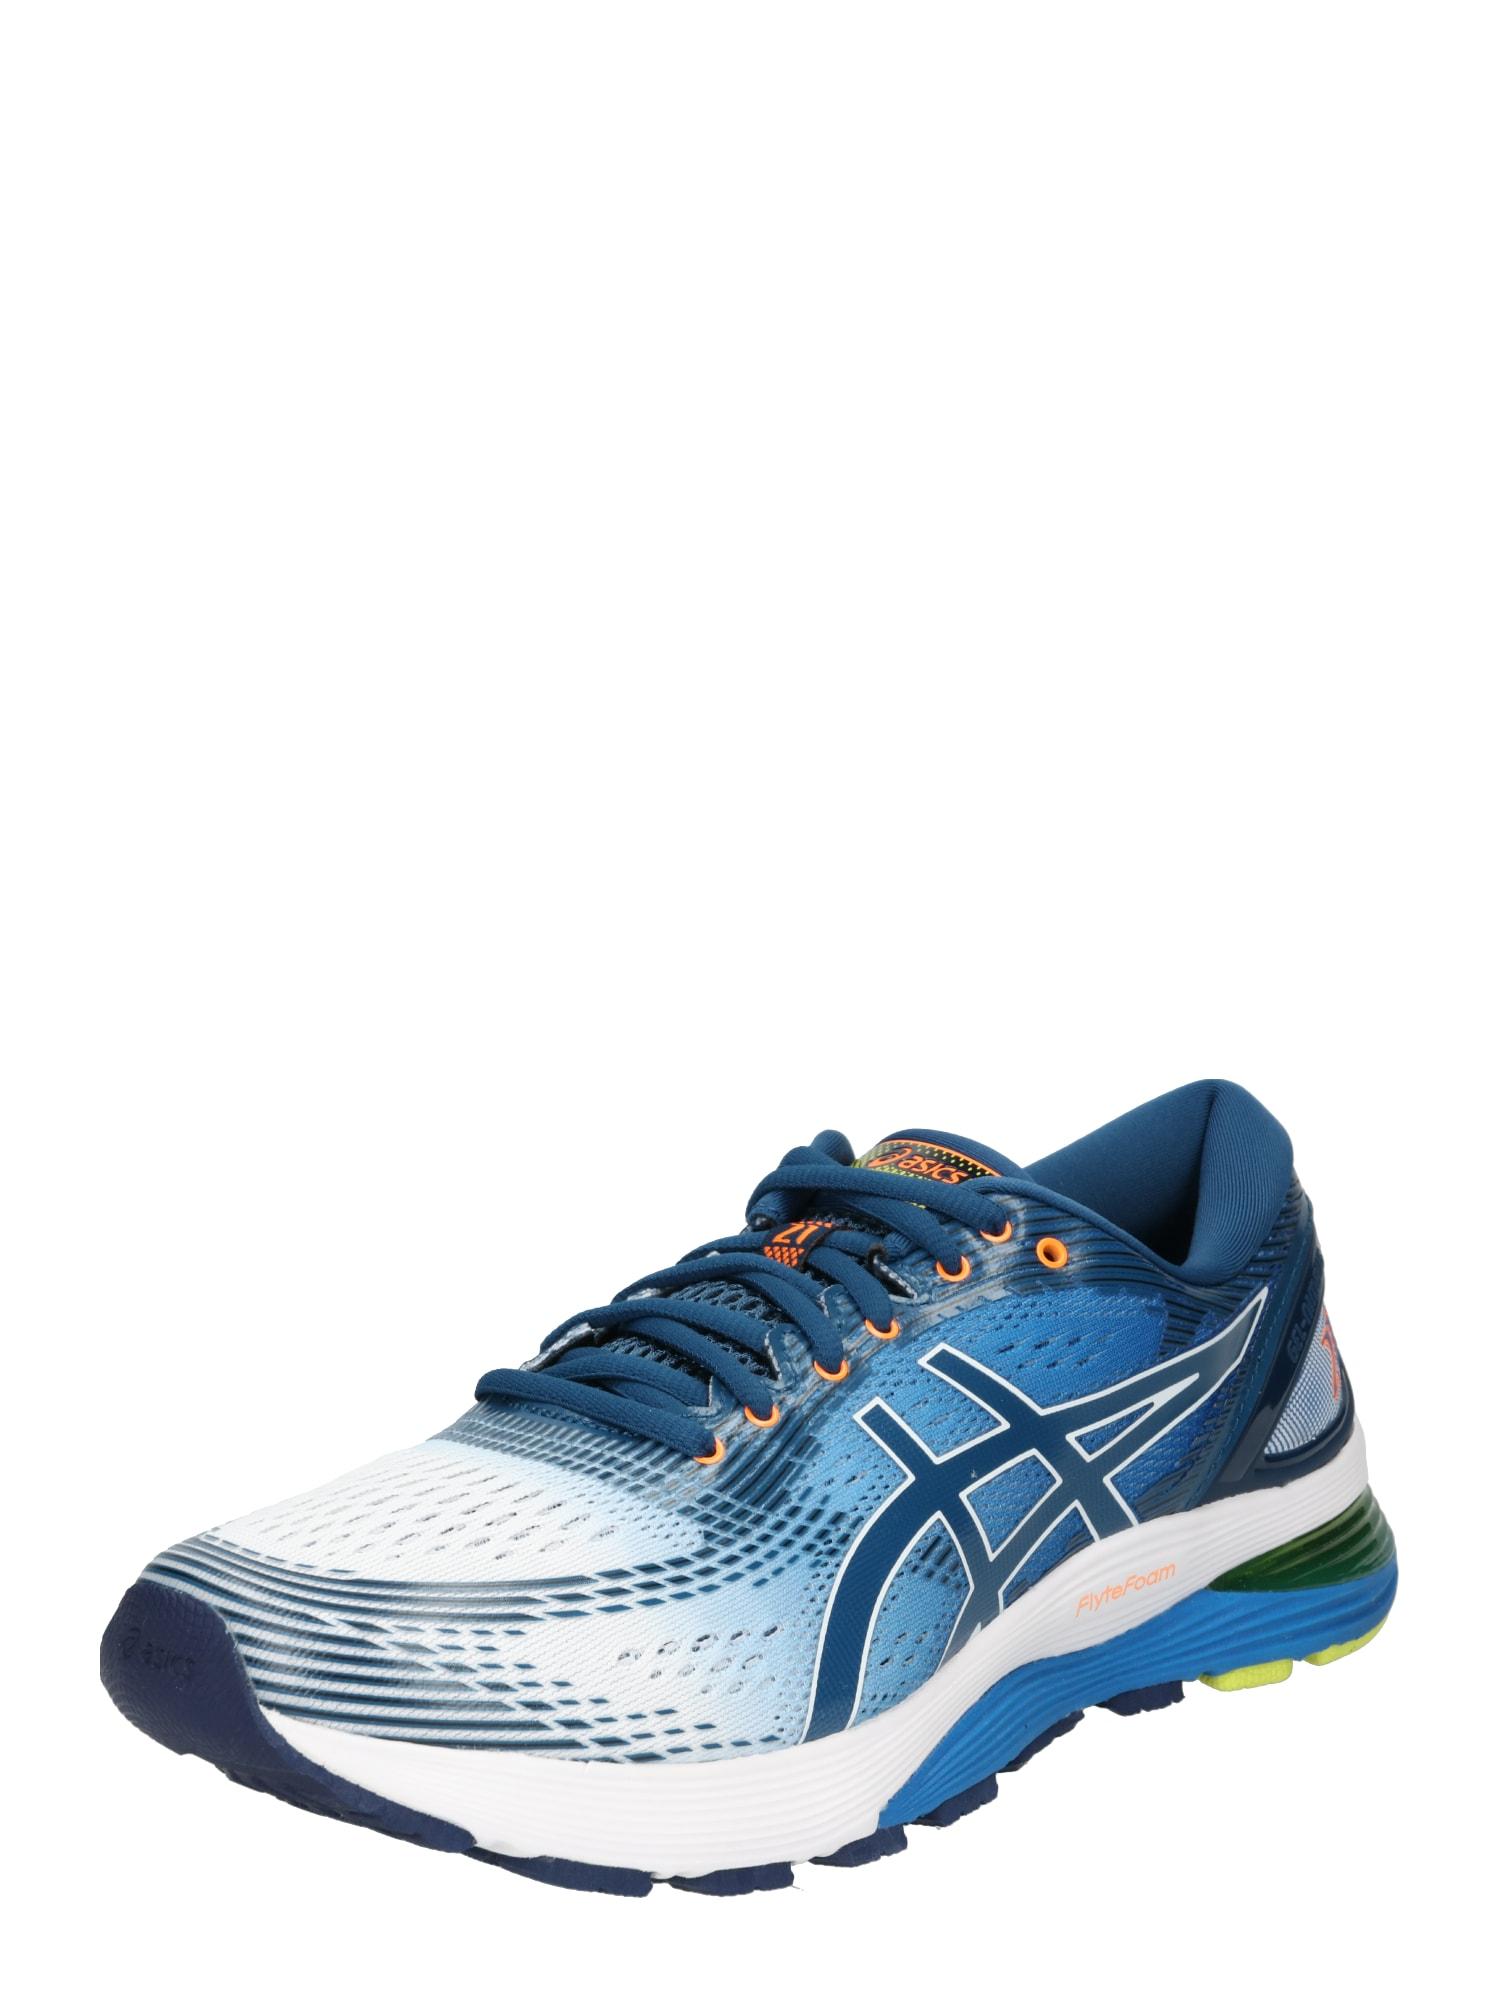 Běžecká obuv Gel Nimbus 21 modrá žlutá bílá ASICS